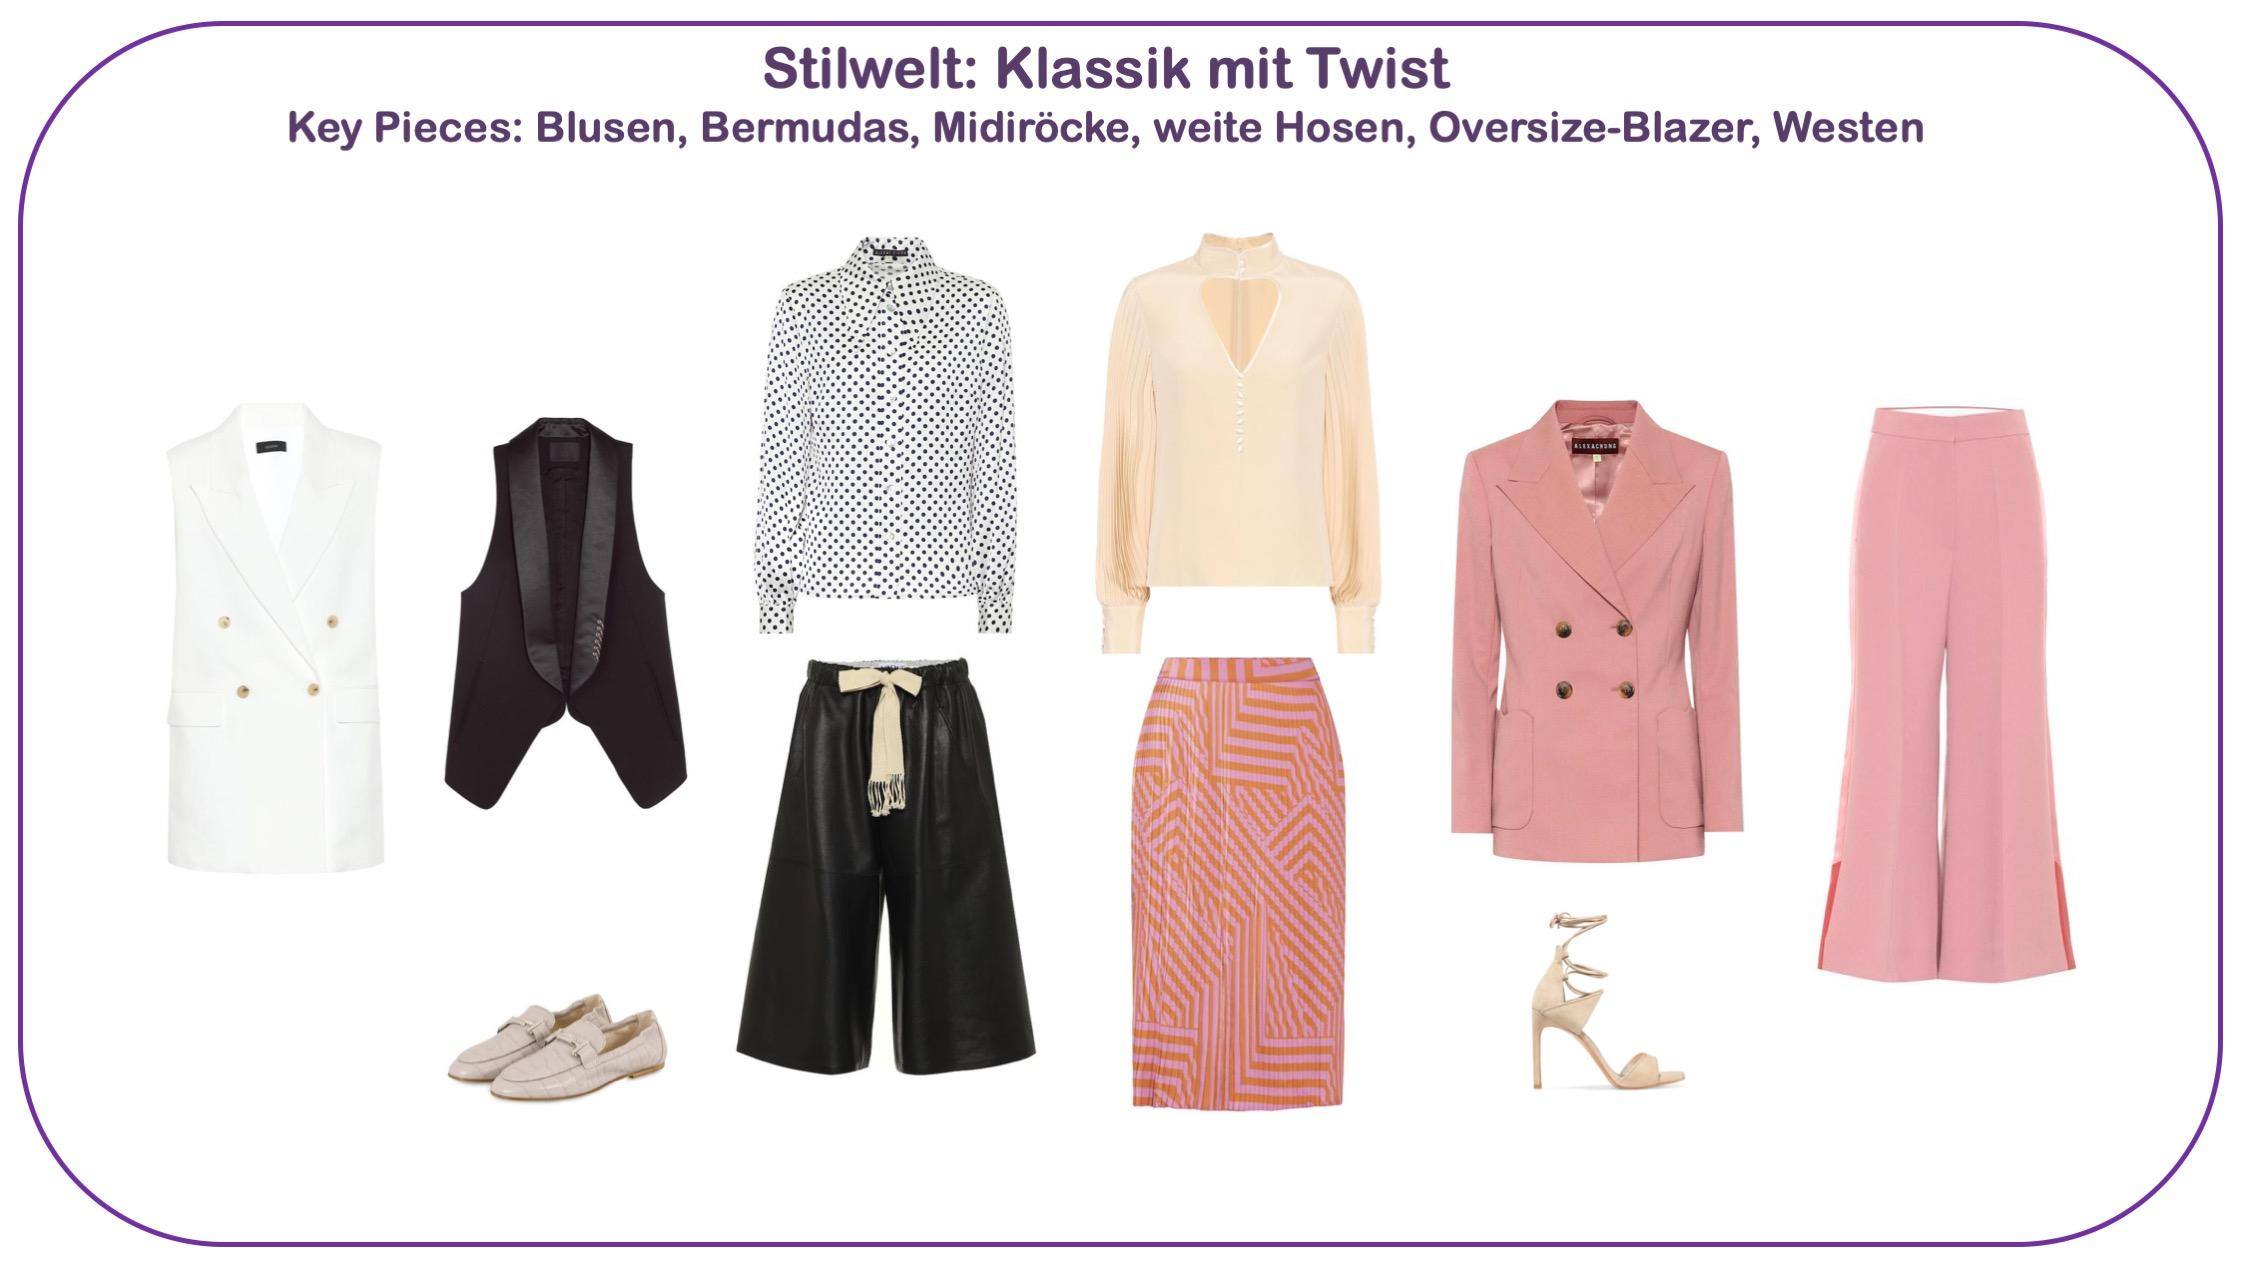 Modetrends Frühjhar/Sommer 2020 - Stilwelt Klassik mit Twist